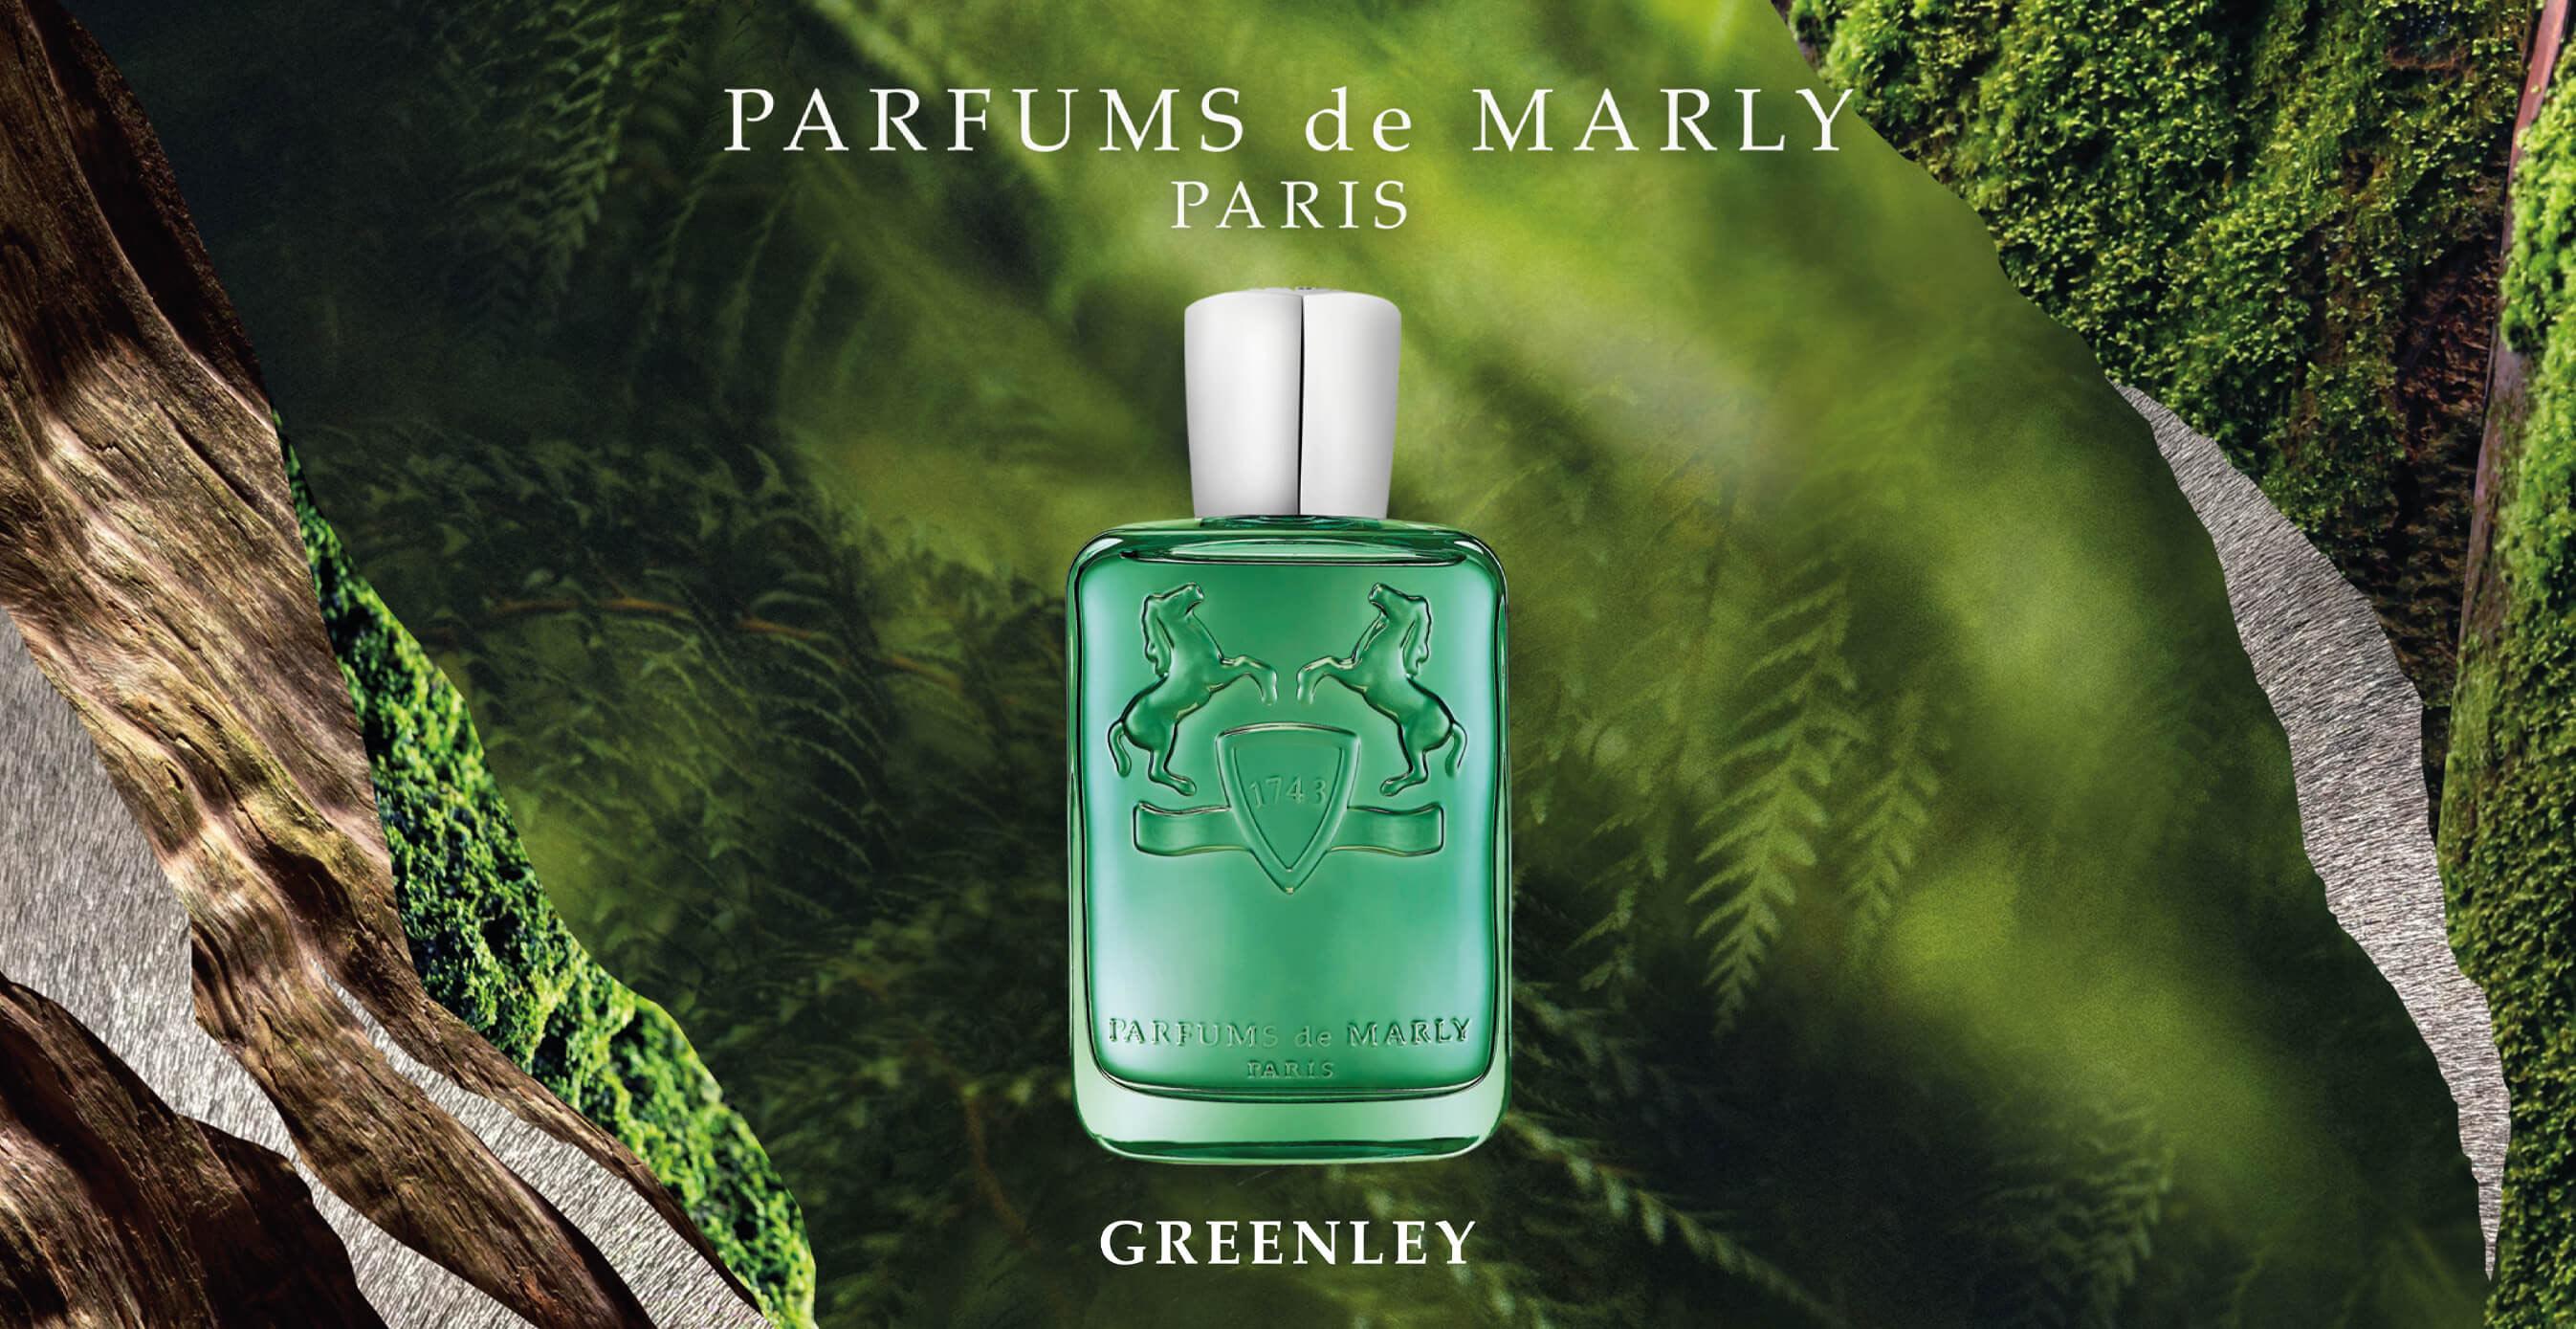 Parfums de Marly Greenley